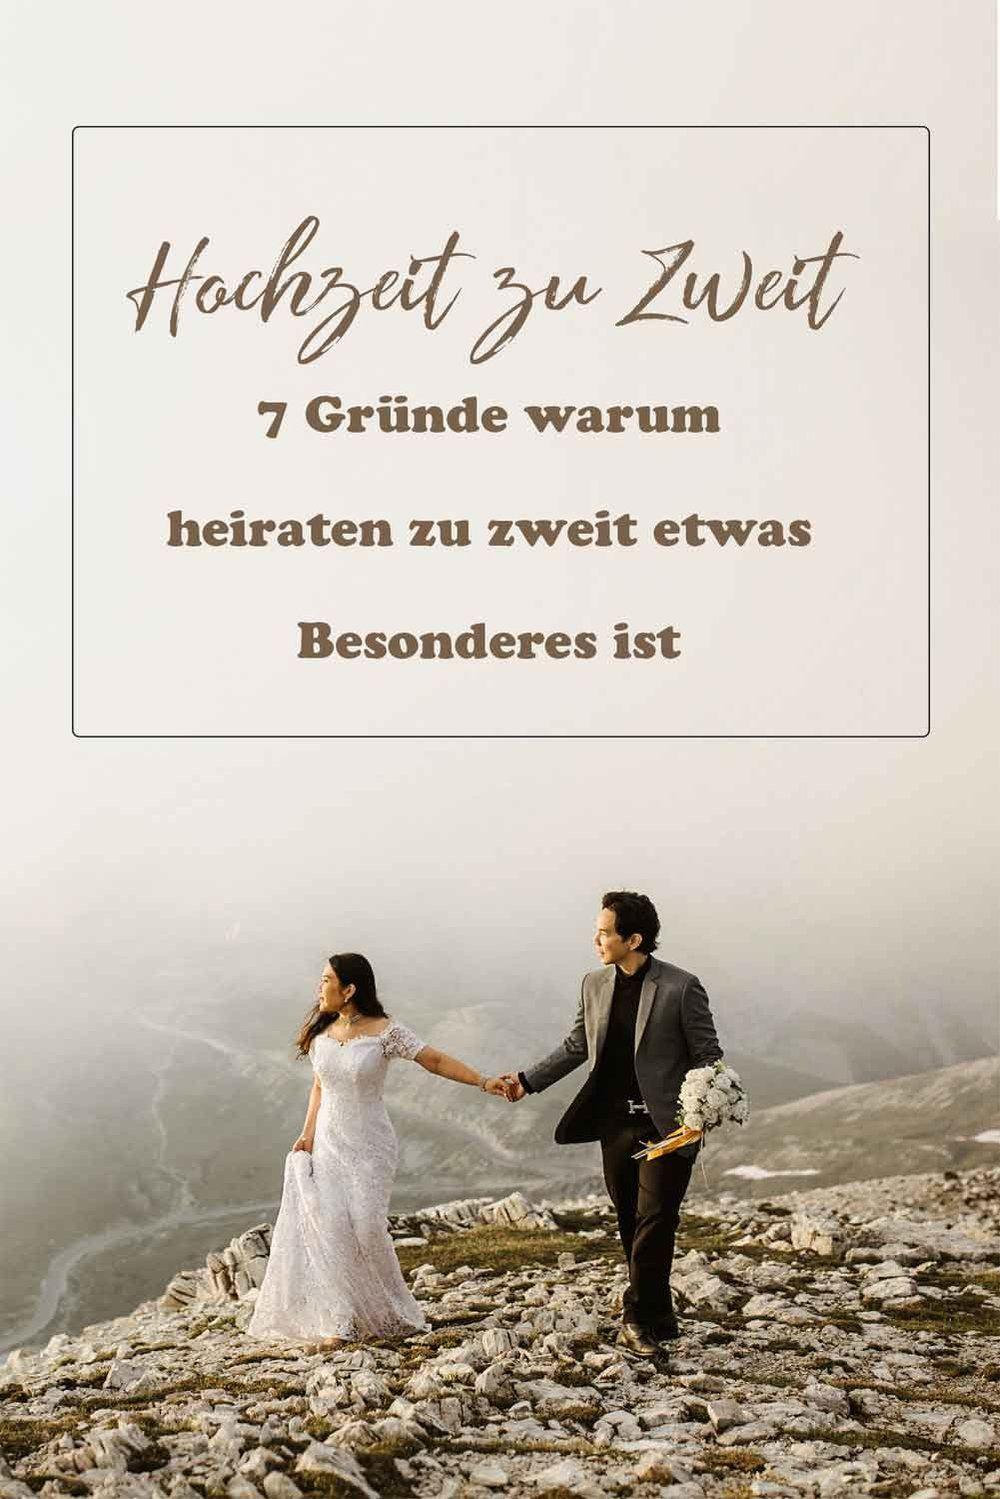 Hochzeit Zu Zweit 7 Grunde Warum Heiraten Zu Zweit Etwas Ganz Besonderes Ist Hochzeit Heiraten Entspannte Hochzeit